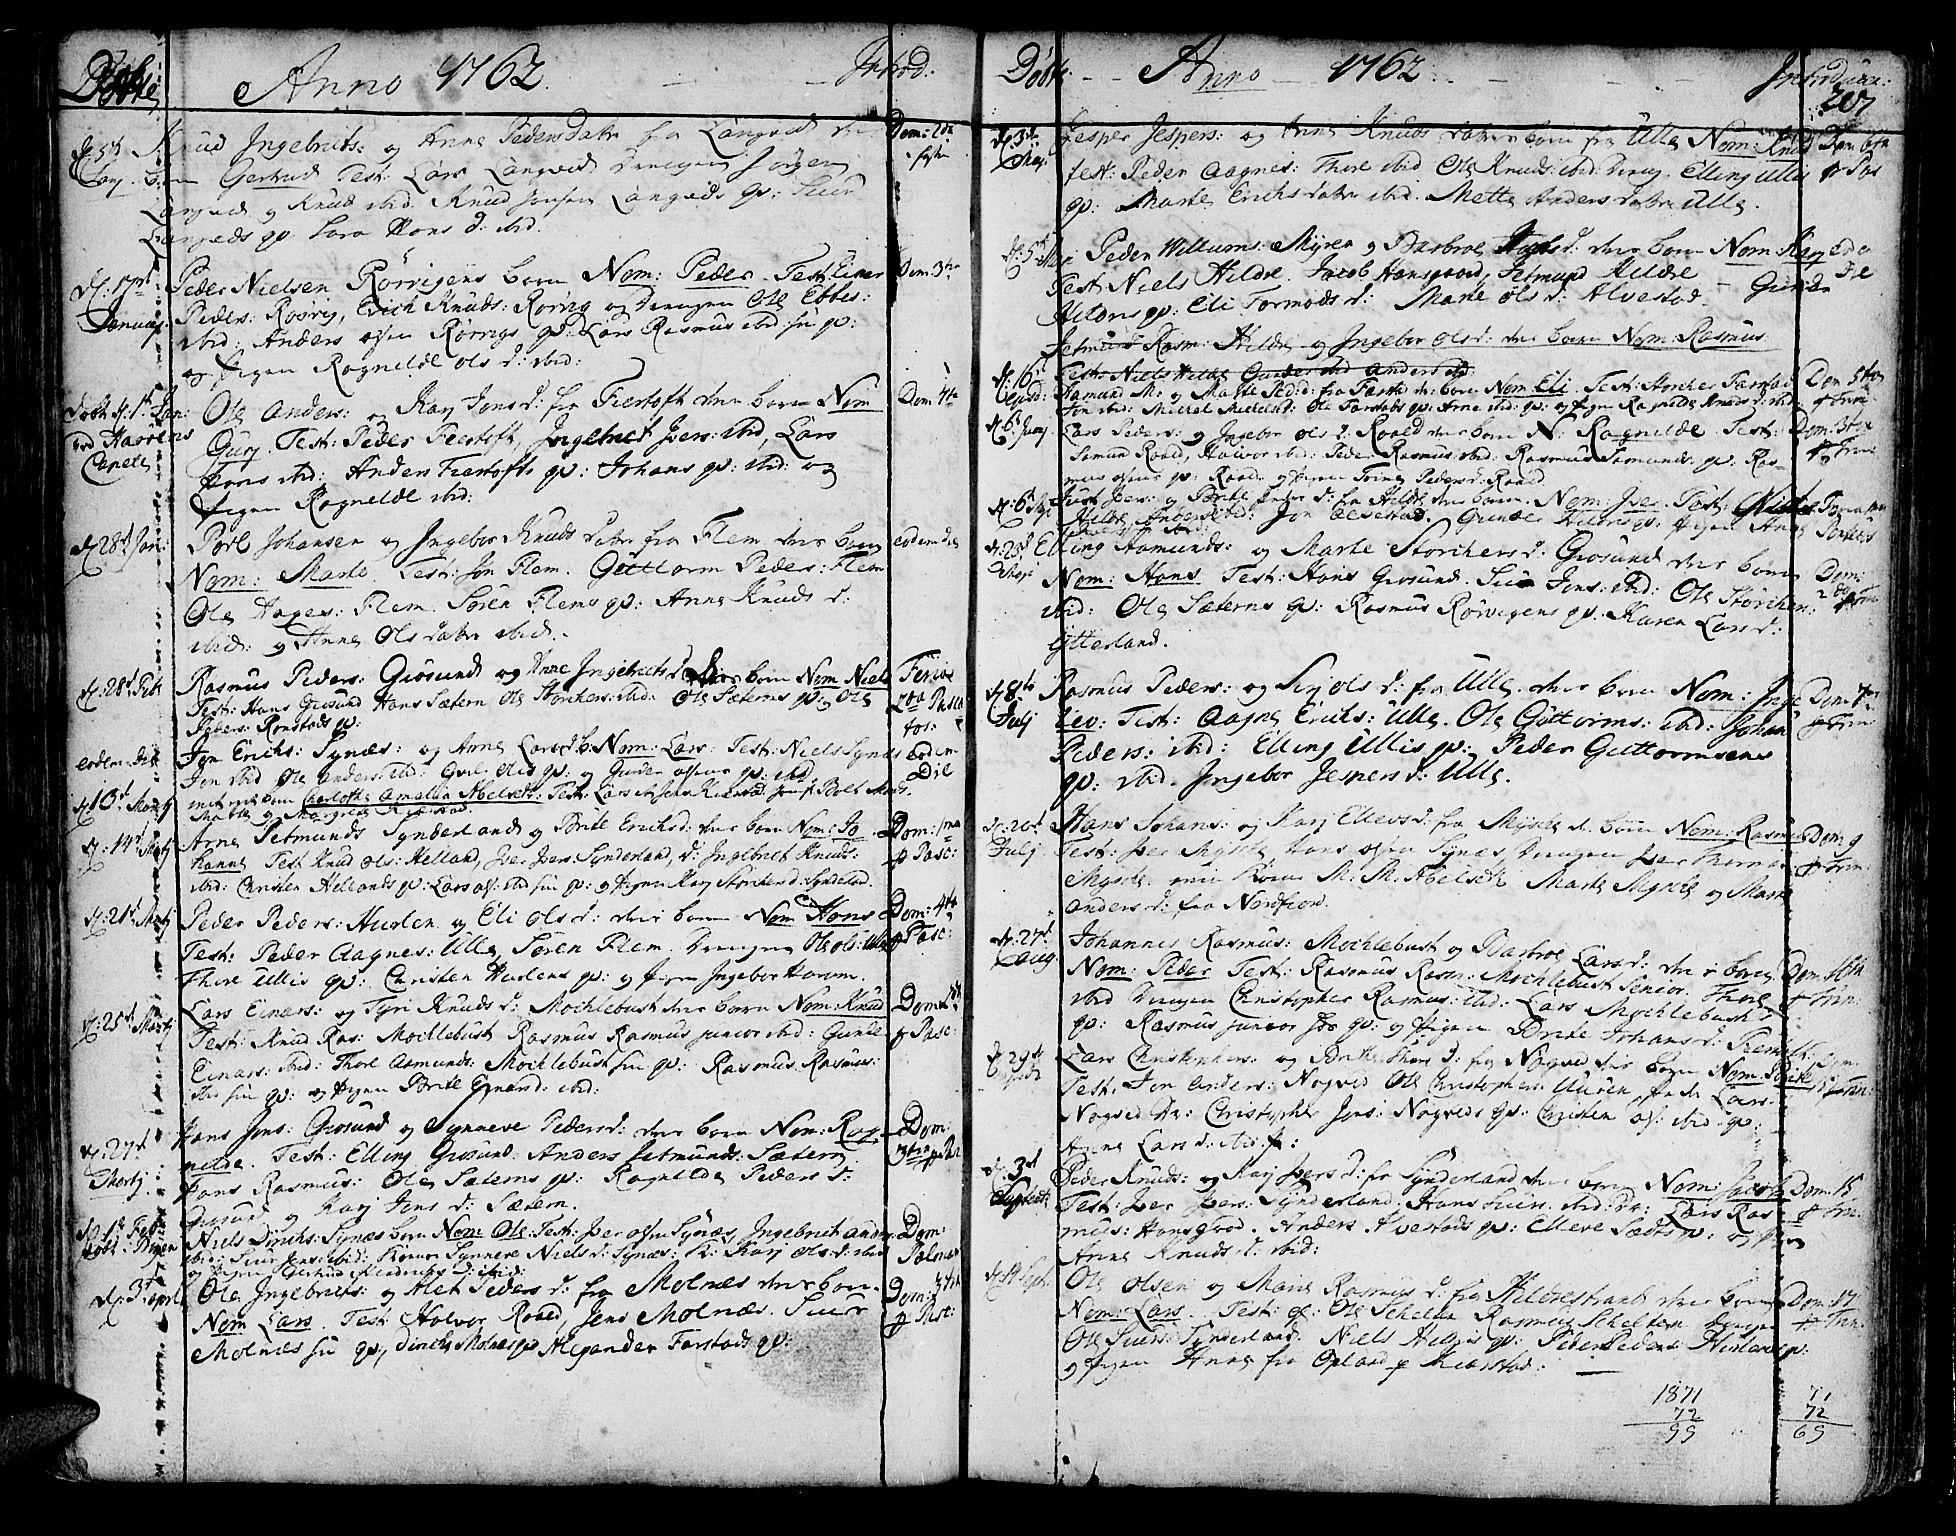 SAT, Ministerialprotokoller, klokkerbøker og fødselsregistre - Møre og Romsdal, 536/L0493: Ministerialbok nr. 536A02, 1739-1802, s. 206-207